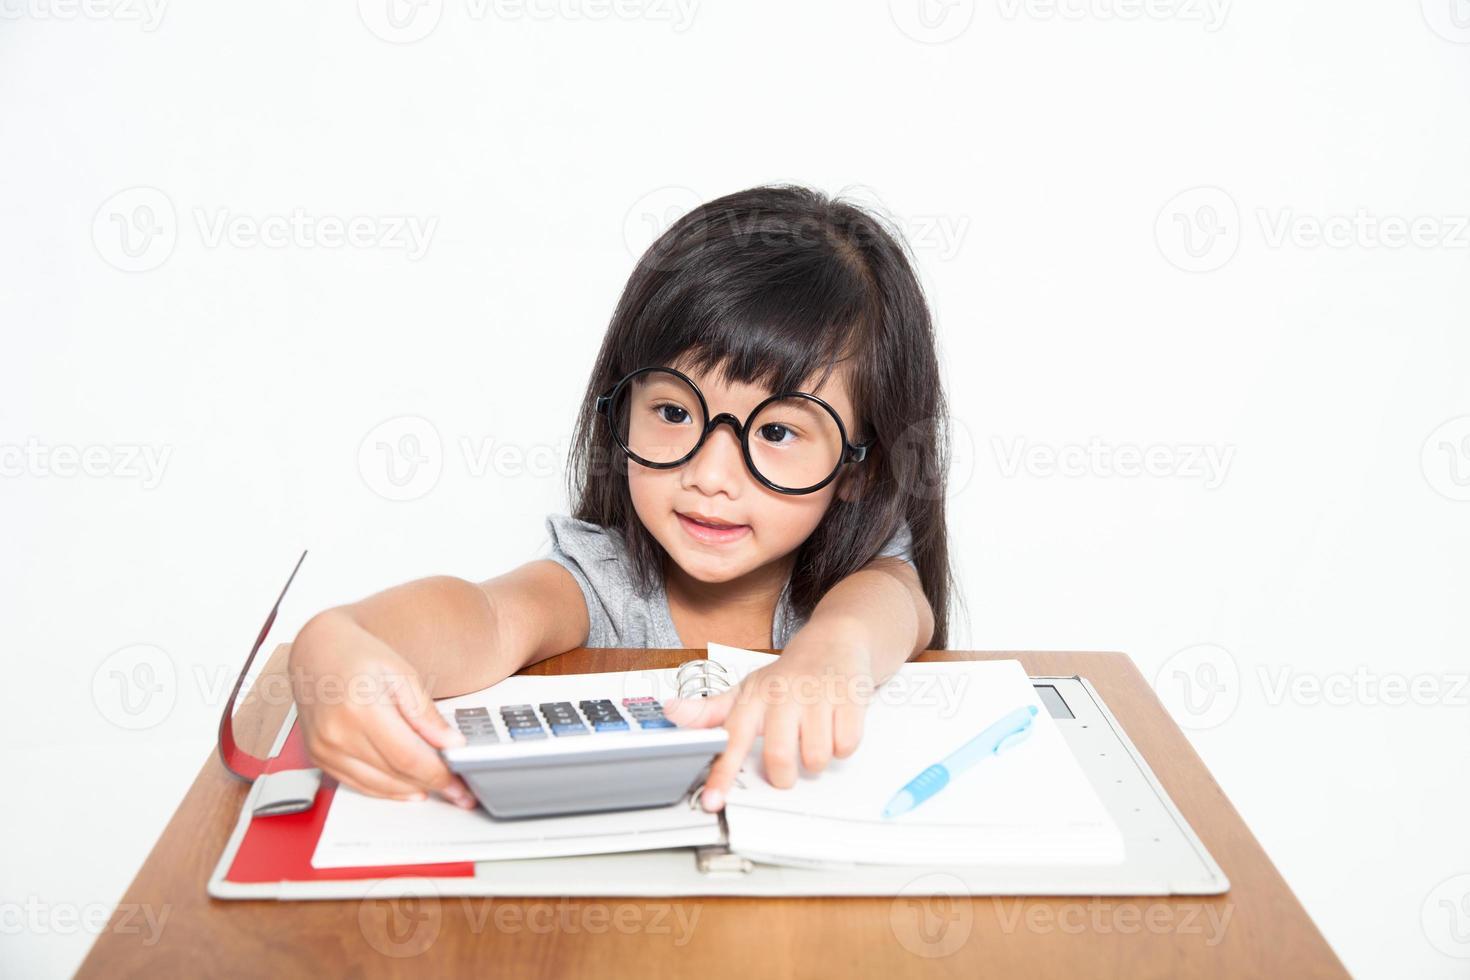 kleine asiatische Studentin mit Notizbuch und Taschenrechner isolieren foto